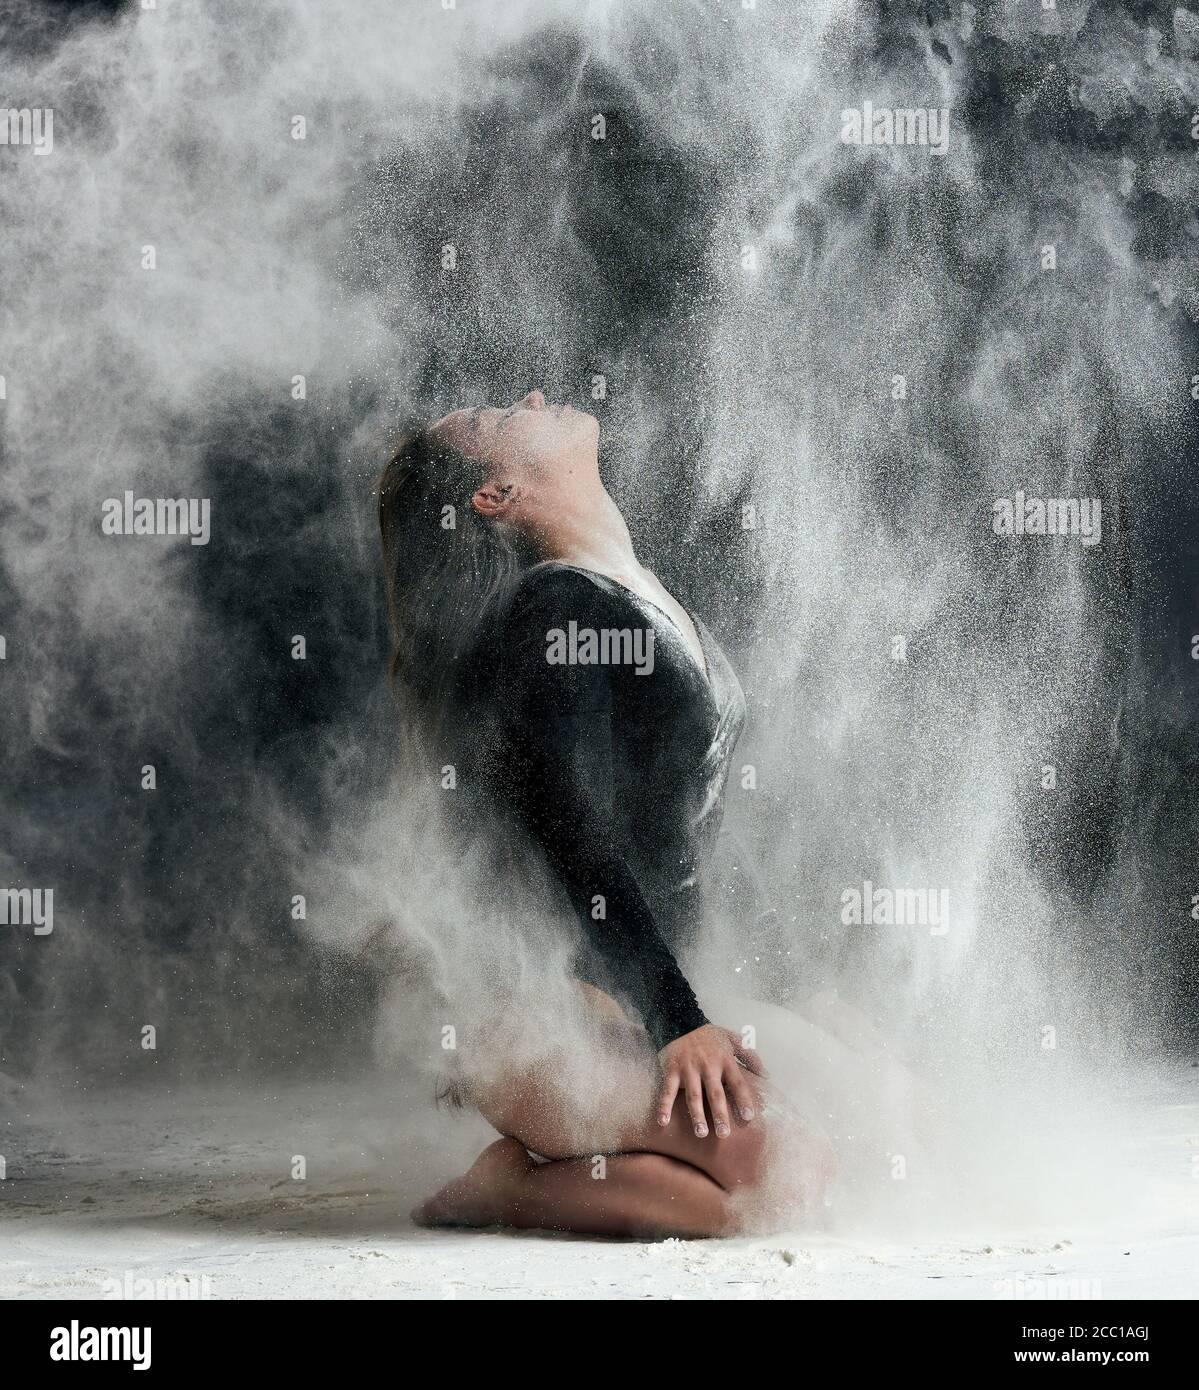 Junge schöne kaukasische Frau mit langen Haaren ist in einem Sport schwarzen Body gekleidet und sitzt auf dem Boden und wirft weißes Mehl, schwarze Backgrou Stockfoto